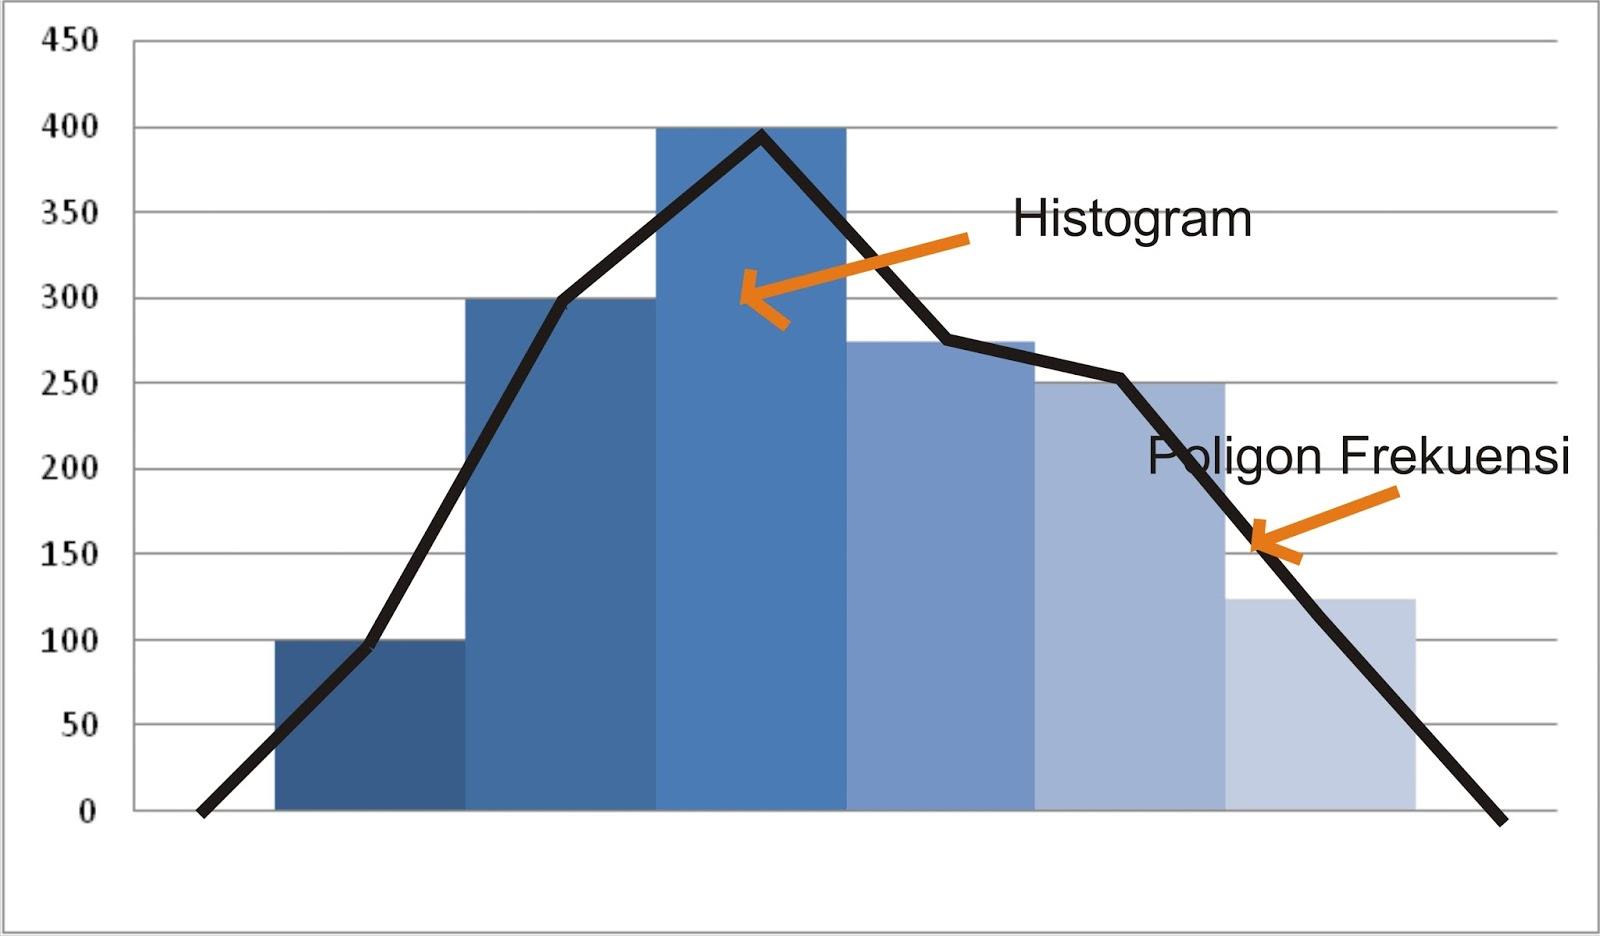 5 macam grafik paling mudah dalam menyajikan data statistika atau 3 ogive ccuart Gallery